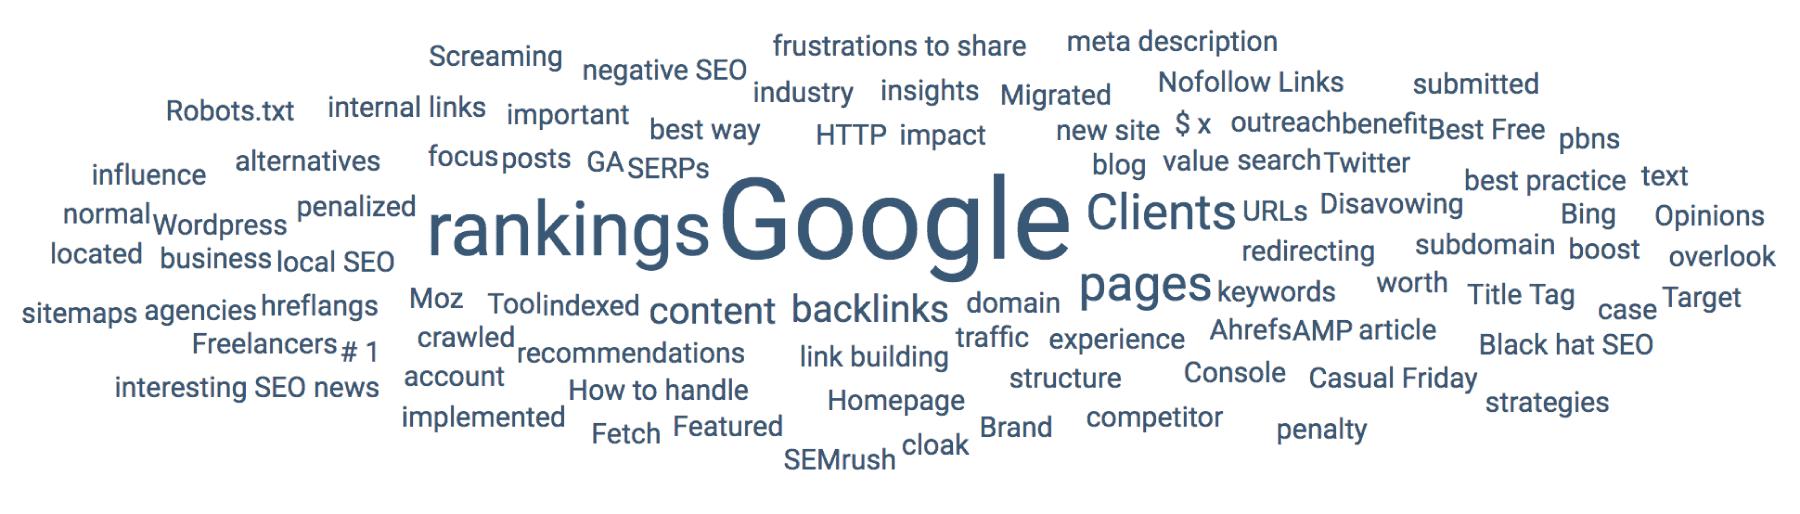 BuzzSumo topic results